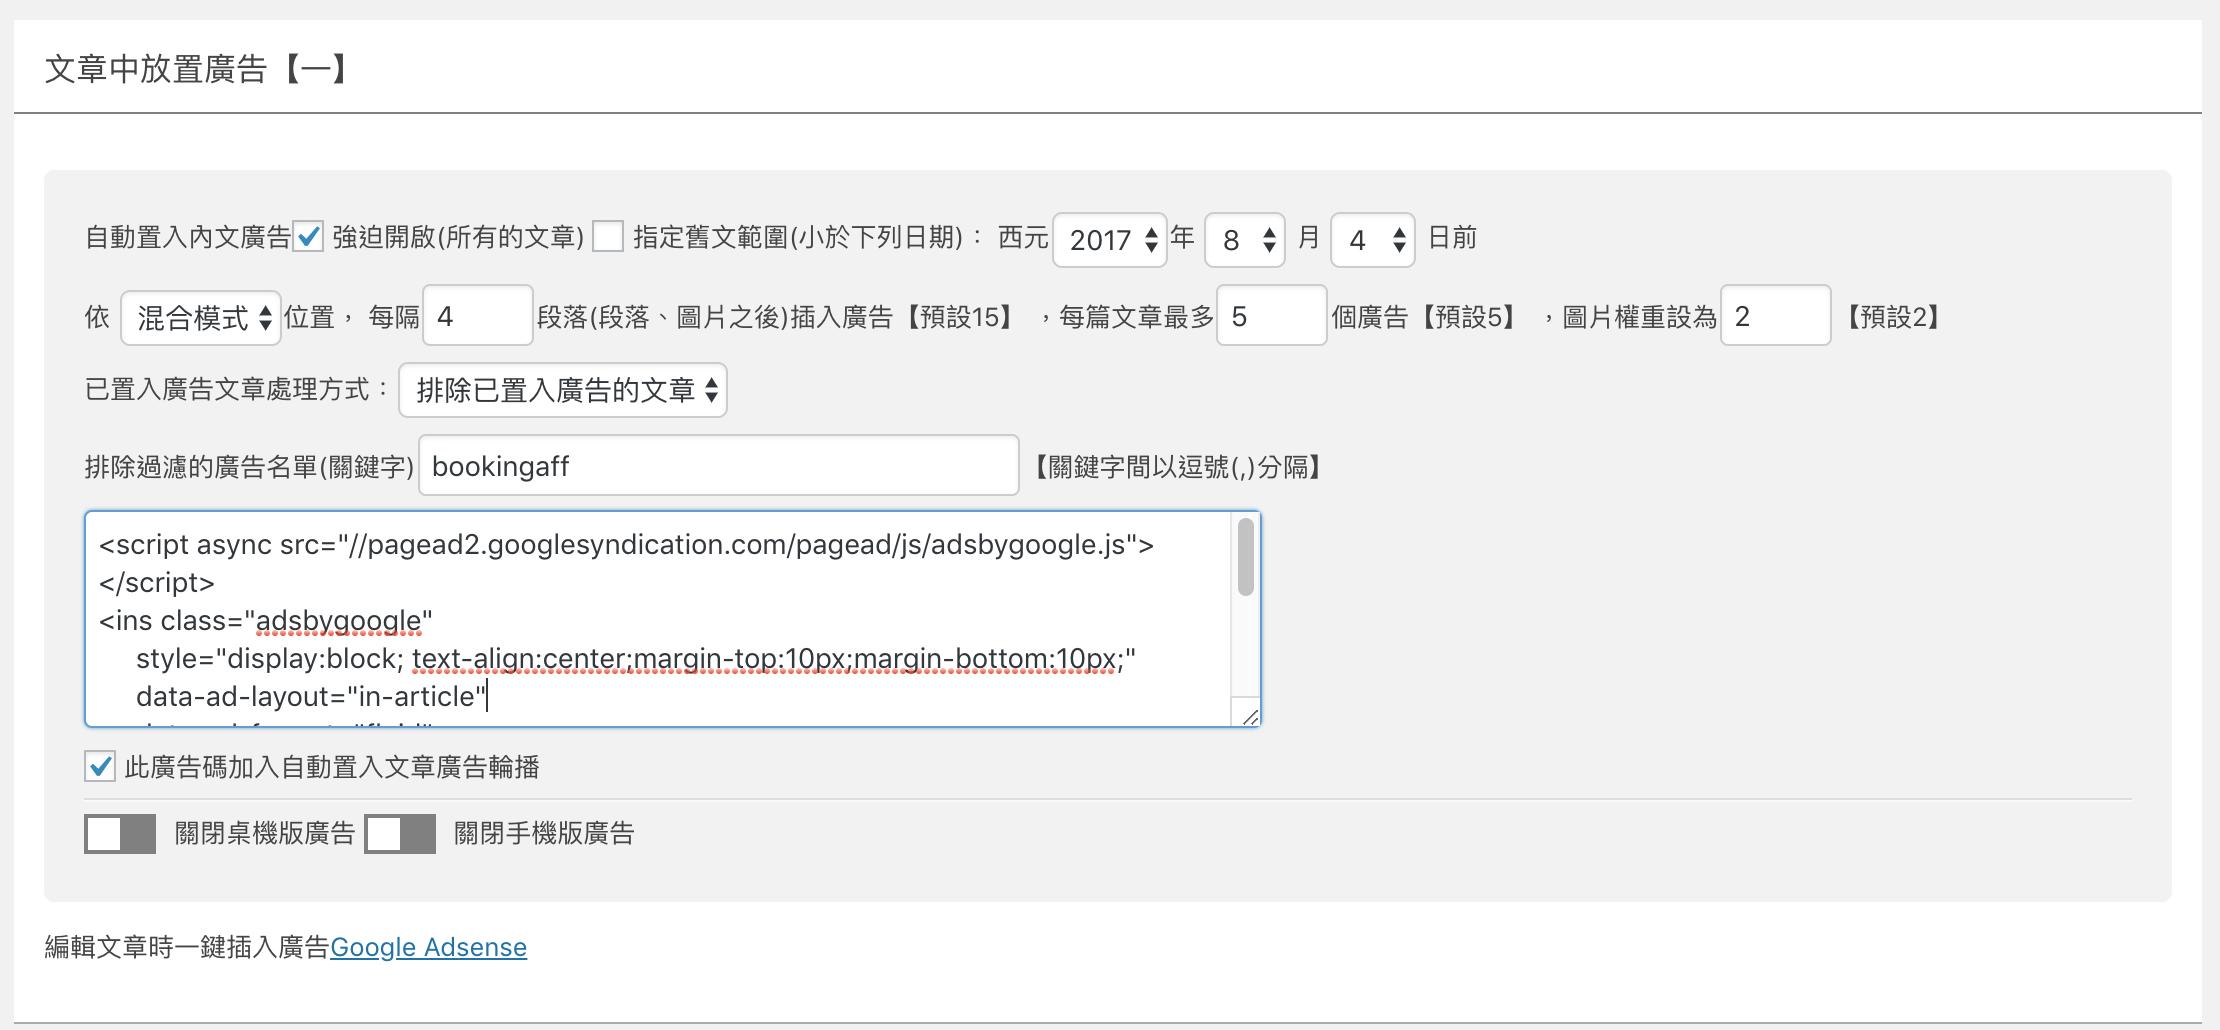 原創優先、投稿不傷SEO的網站經營技巧全實現,有可能嗎?嘿部落ha-blog是blogimove實現串連wordpress網站的小夢想大未來 @Blog-i-Move